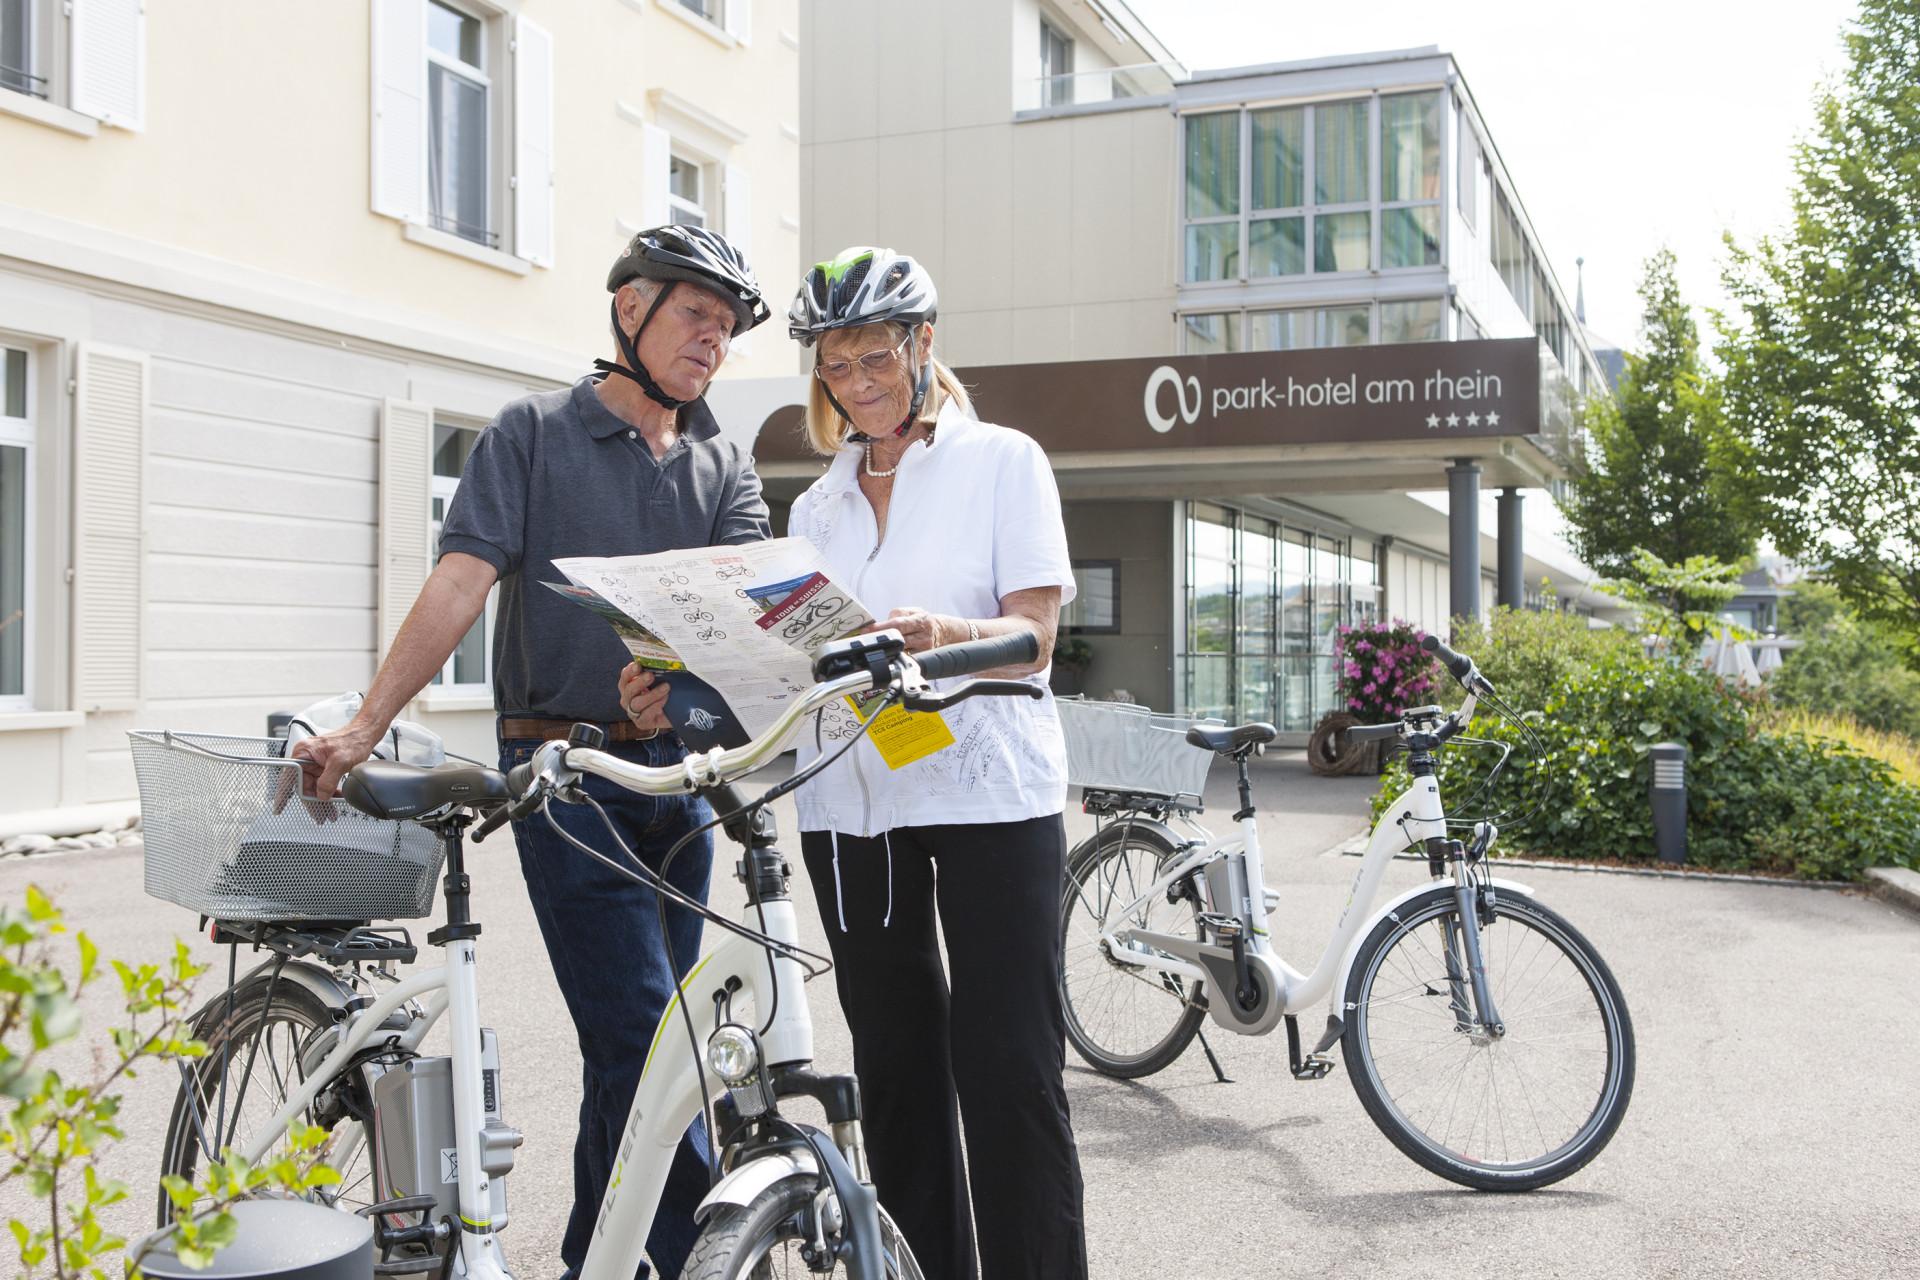 Mann und Frau mit E-Bikes und Velokarte vor Park-Hotel am Rhein